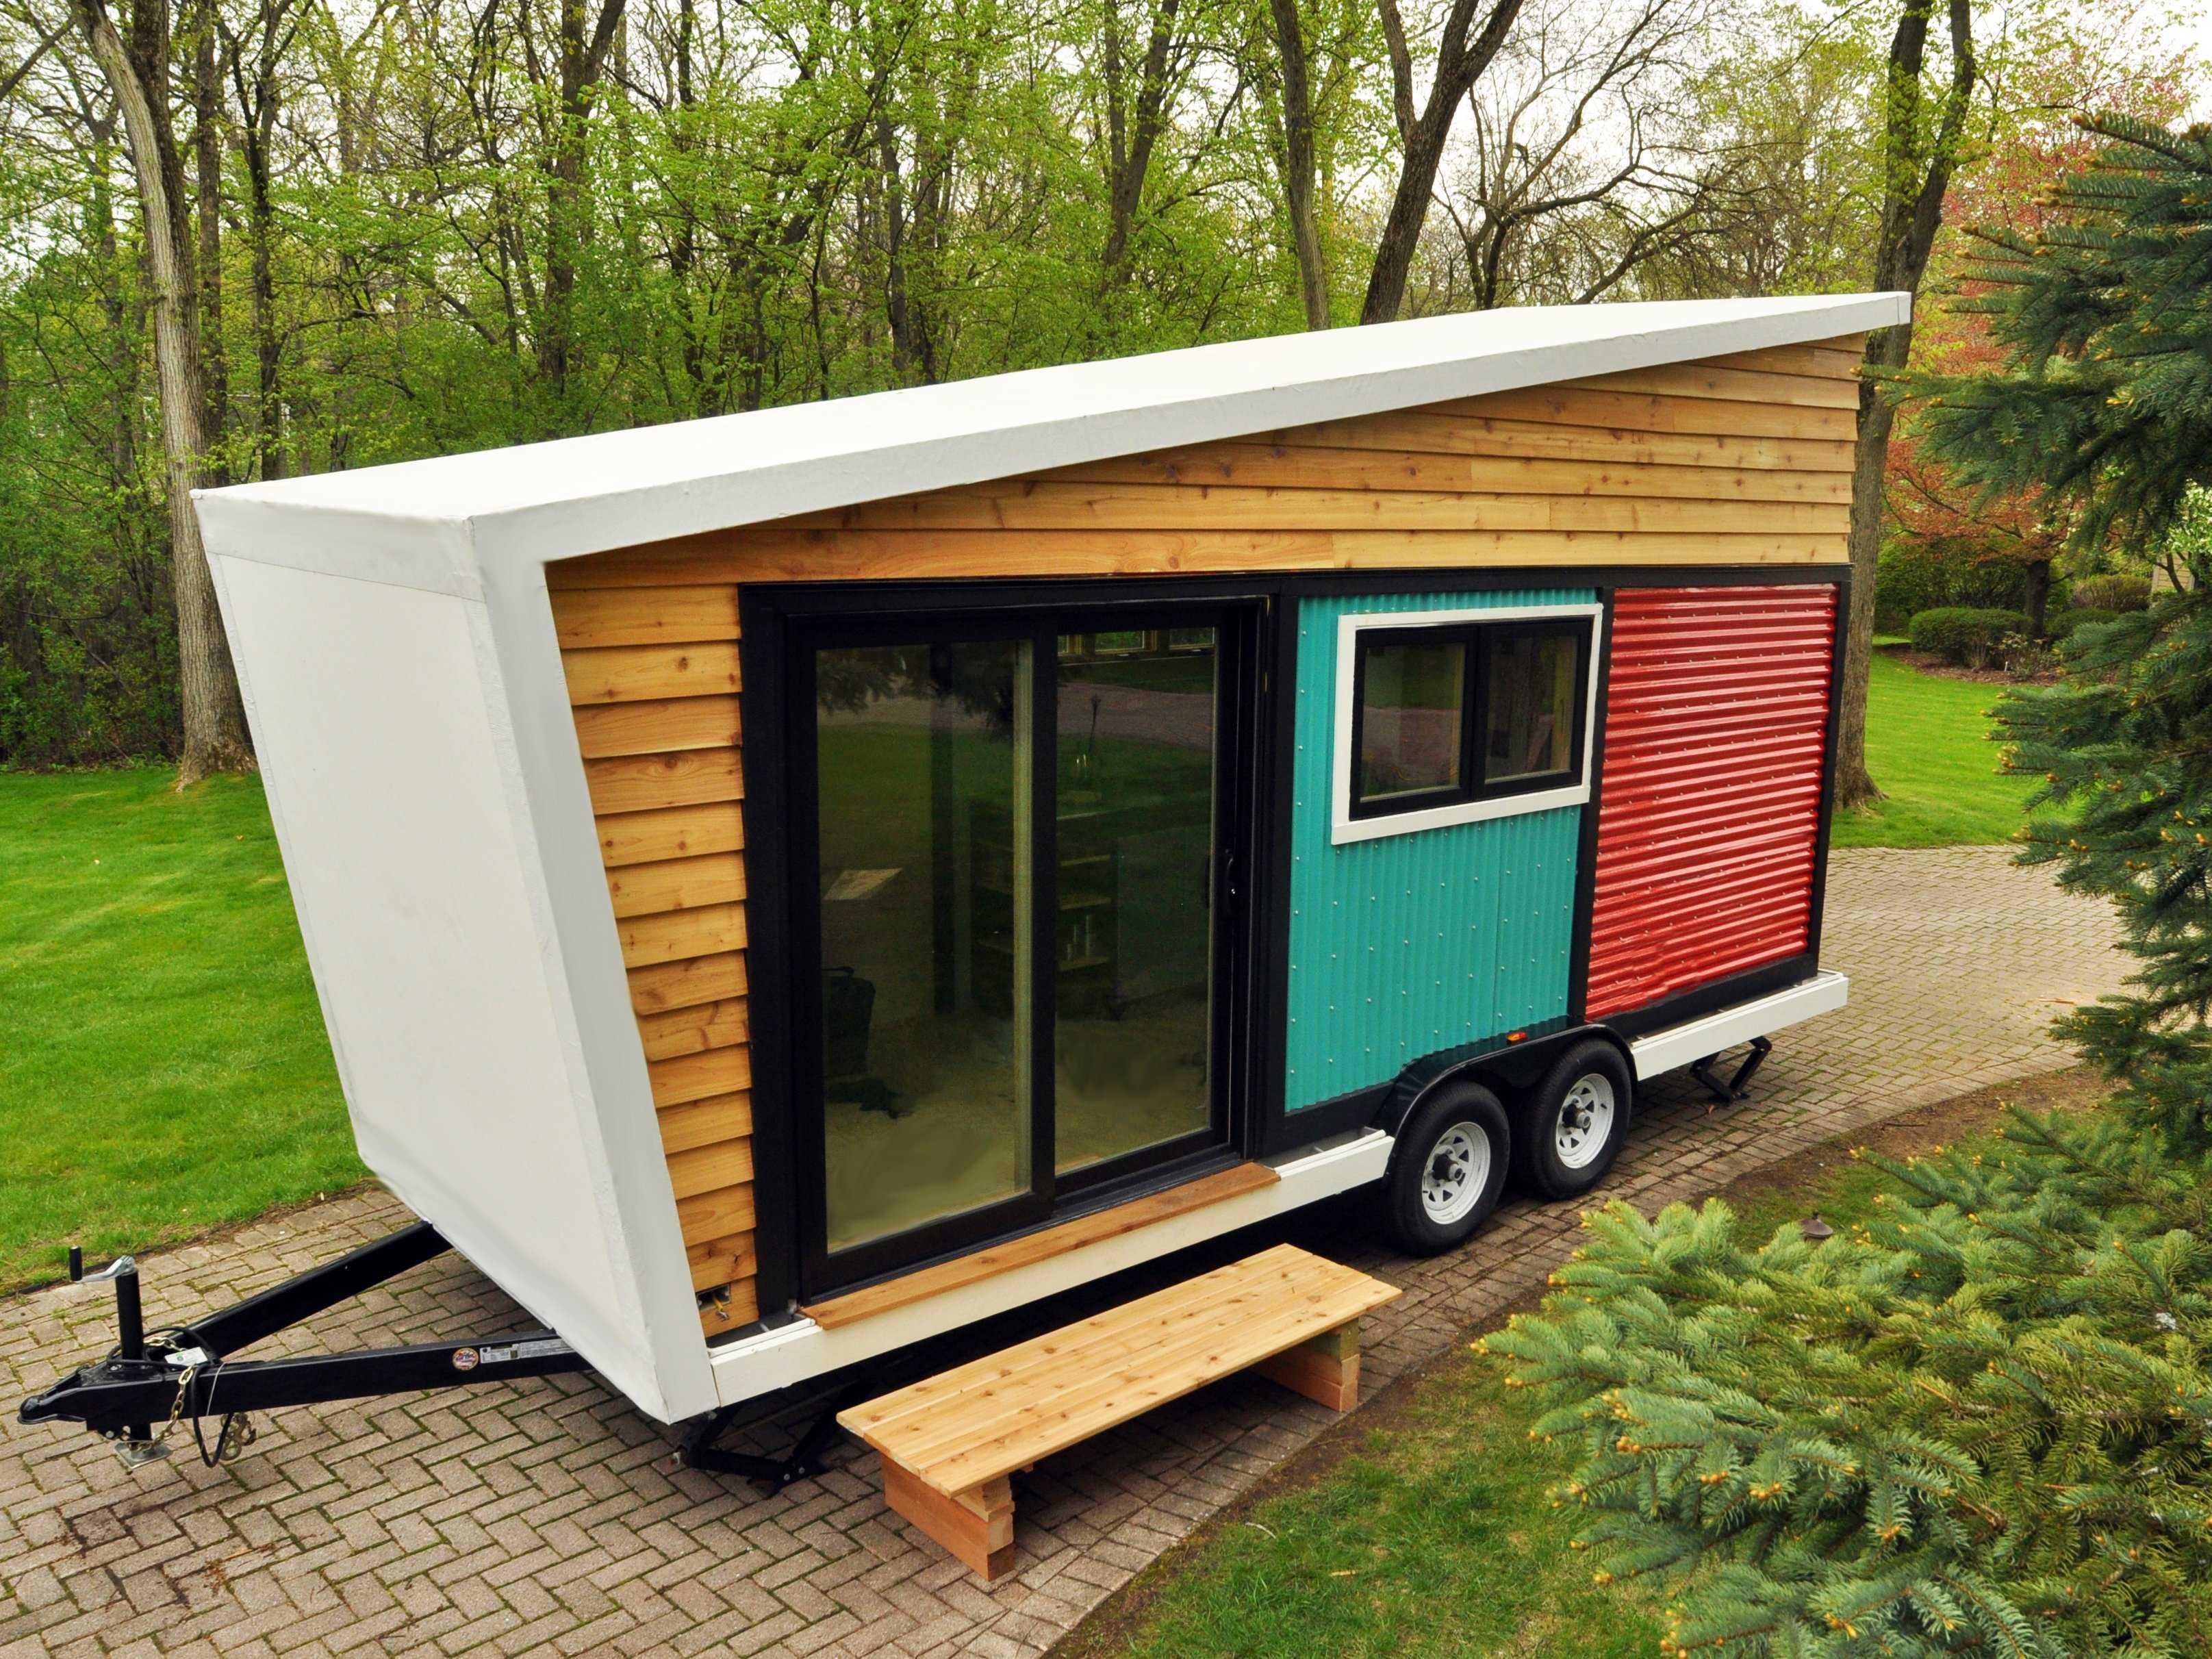 das kleine mobile haus dass ein inneres schmuckst ckchen ist seite 4 von 4. Black Bedroom Furniture Sets. Home Design Ideas